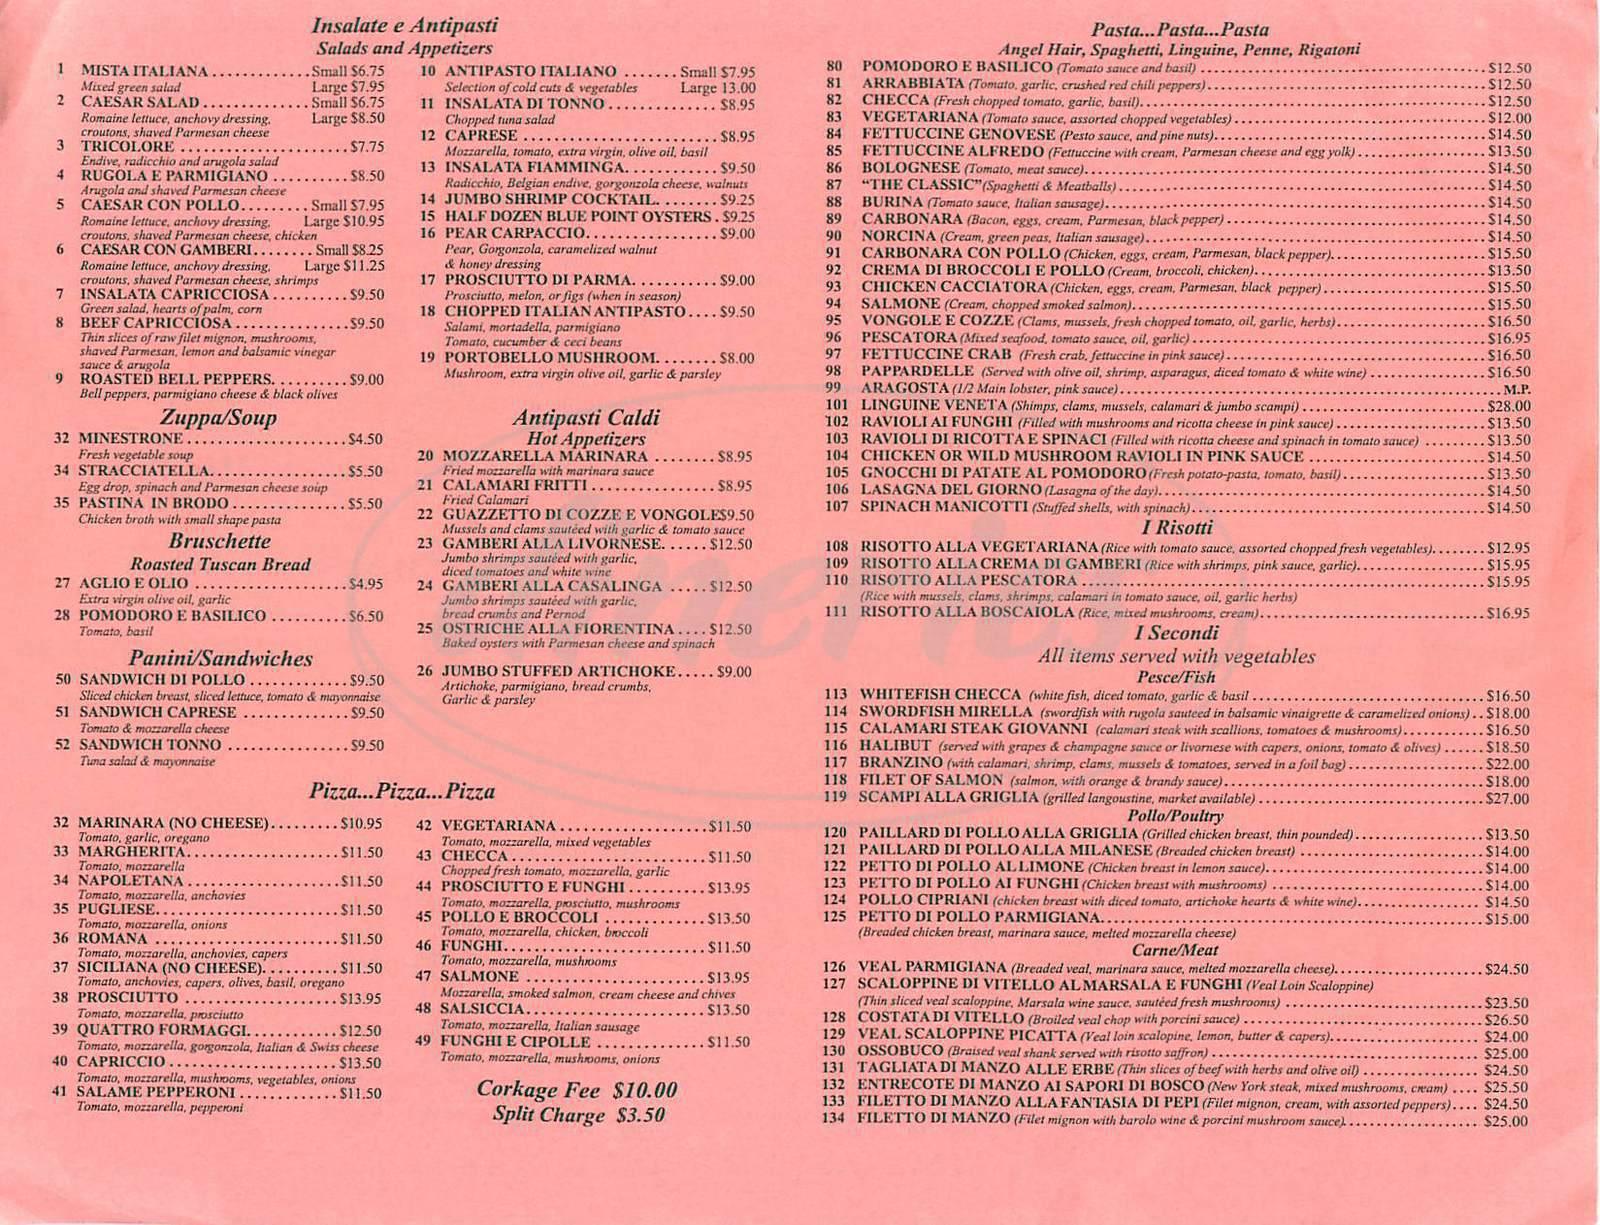 menu for Capriccio Italian Trattoria